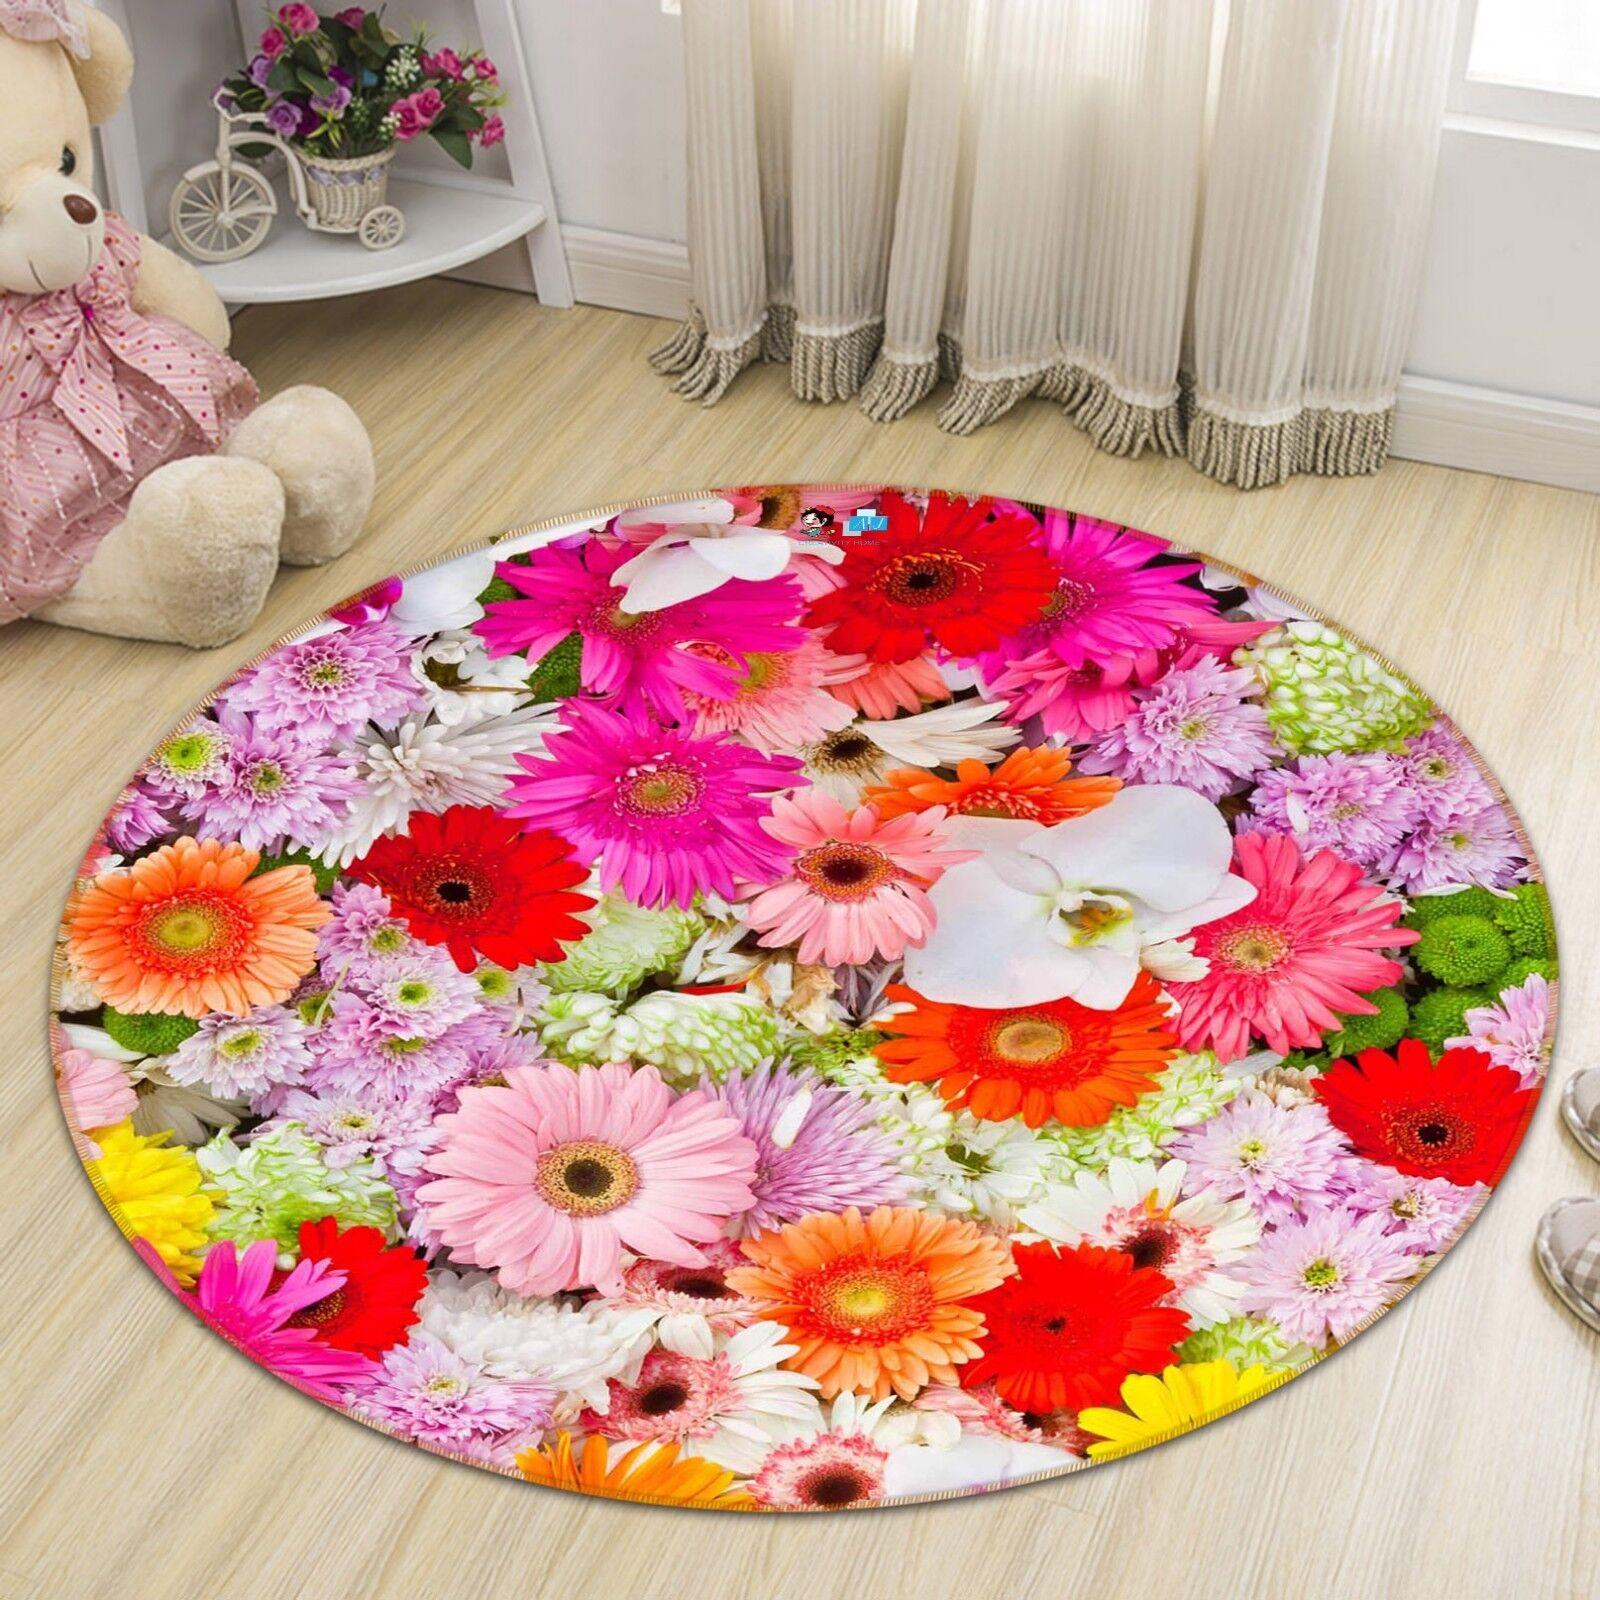 3D Fleurs Pleine Natte Fleur 102 Étage Antidérapant Natte Pleine Rond Élégant Tapis FR Summer 74b390